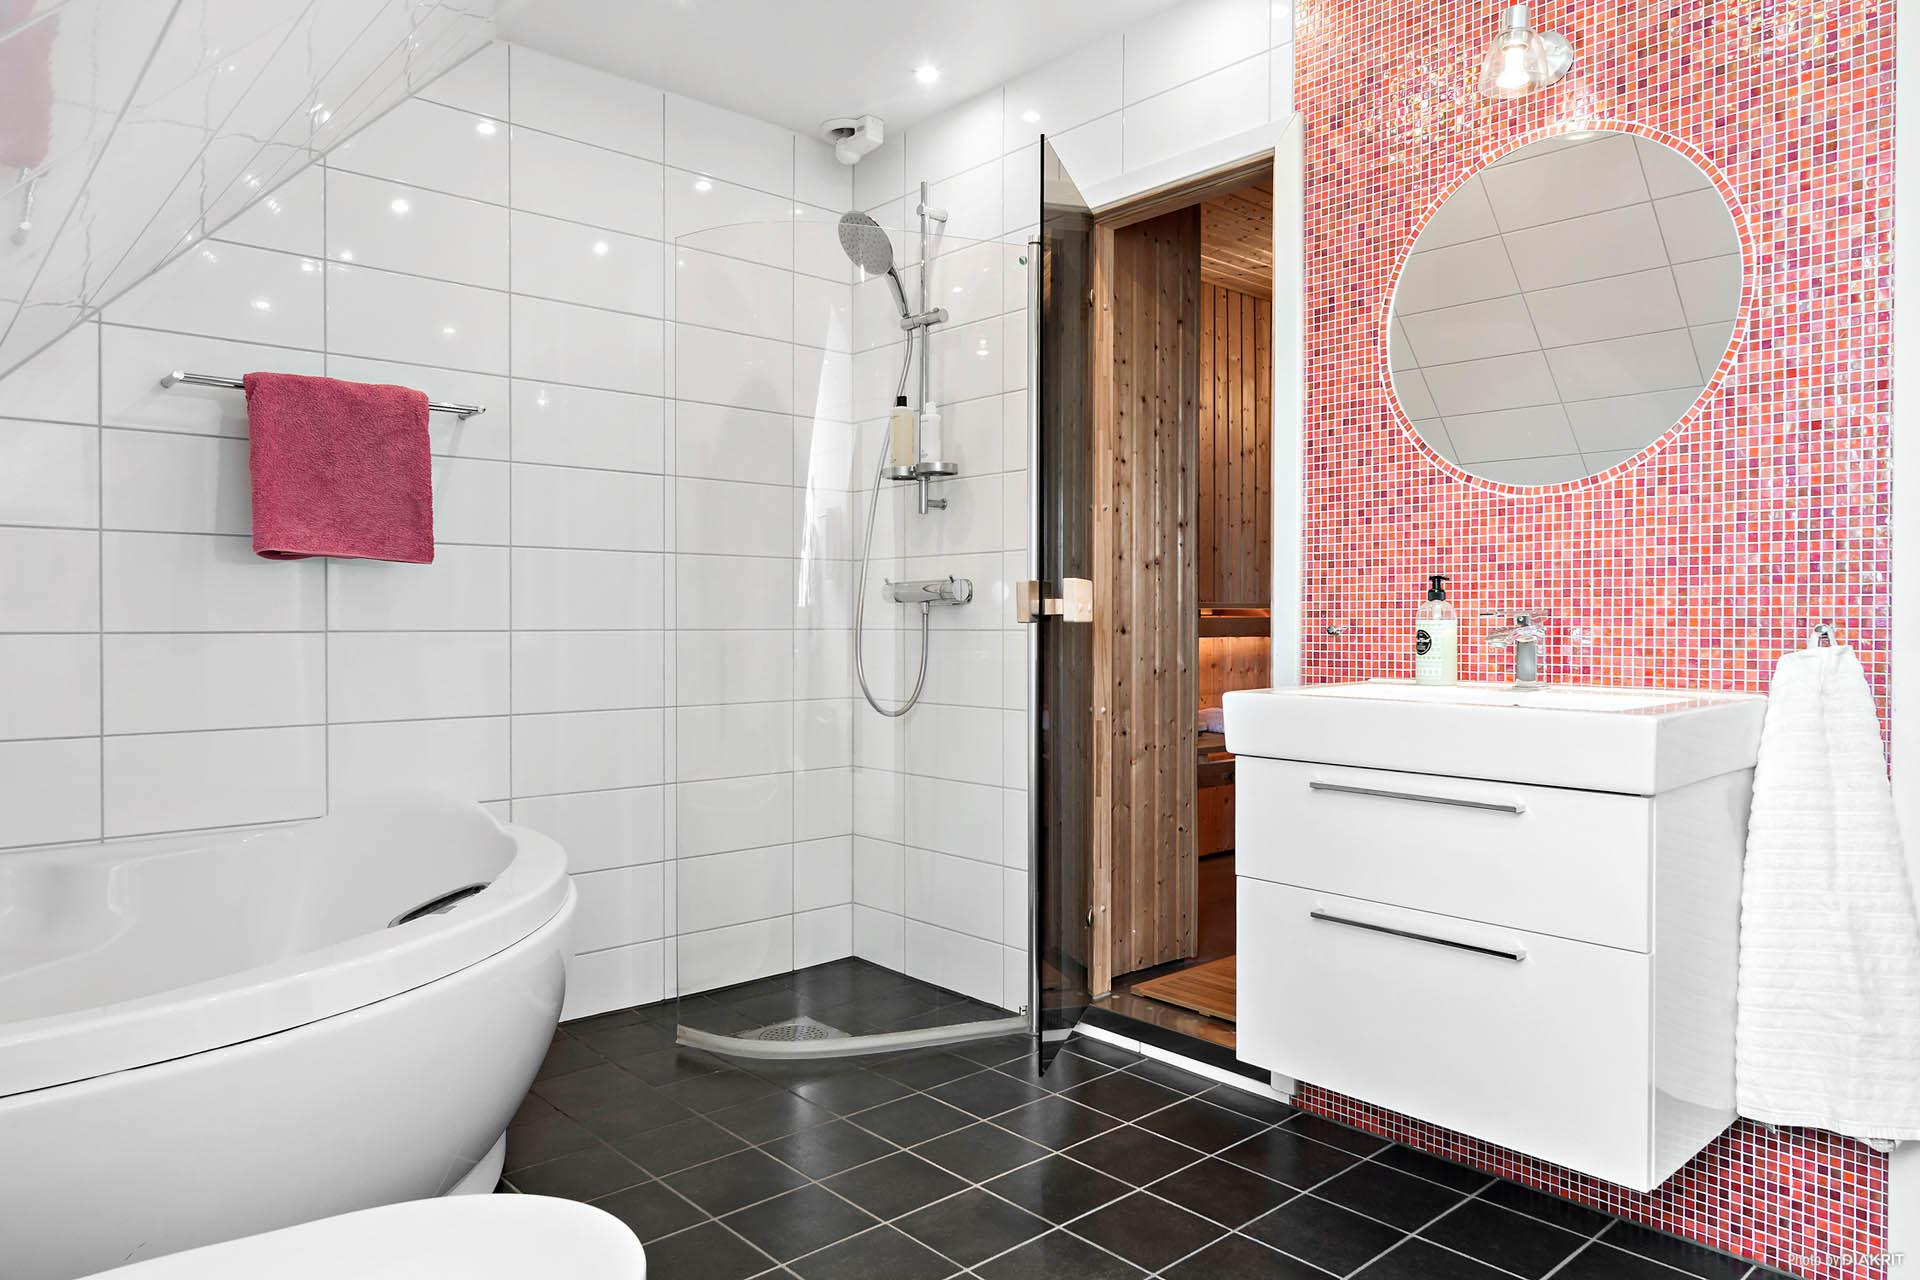 Det härliga badrummet med bastu